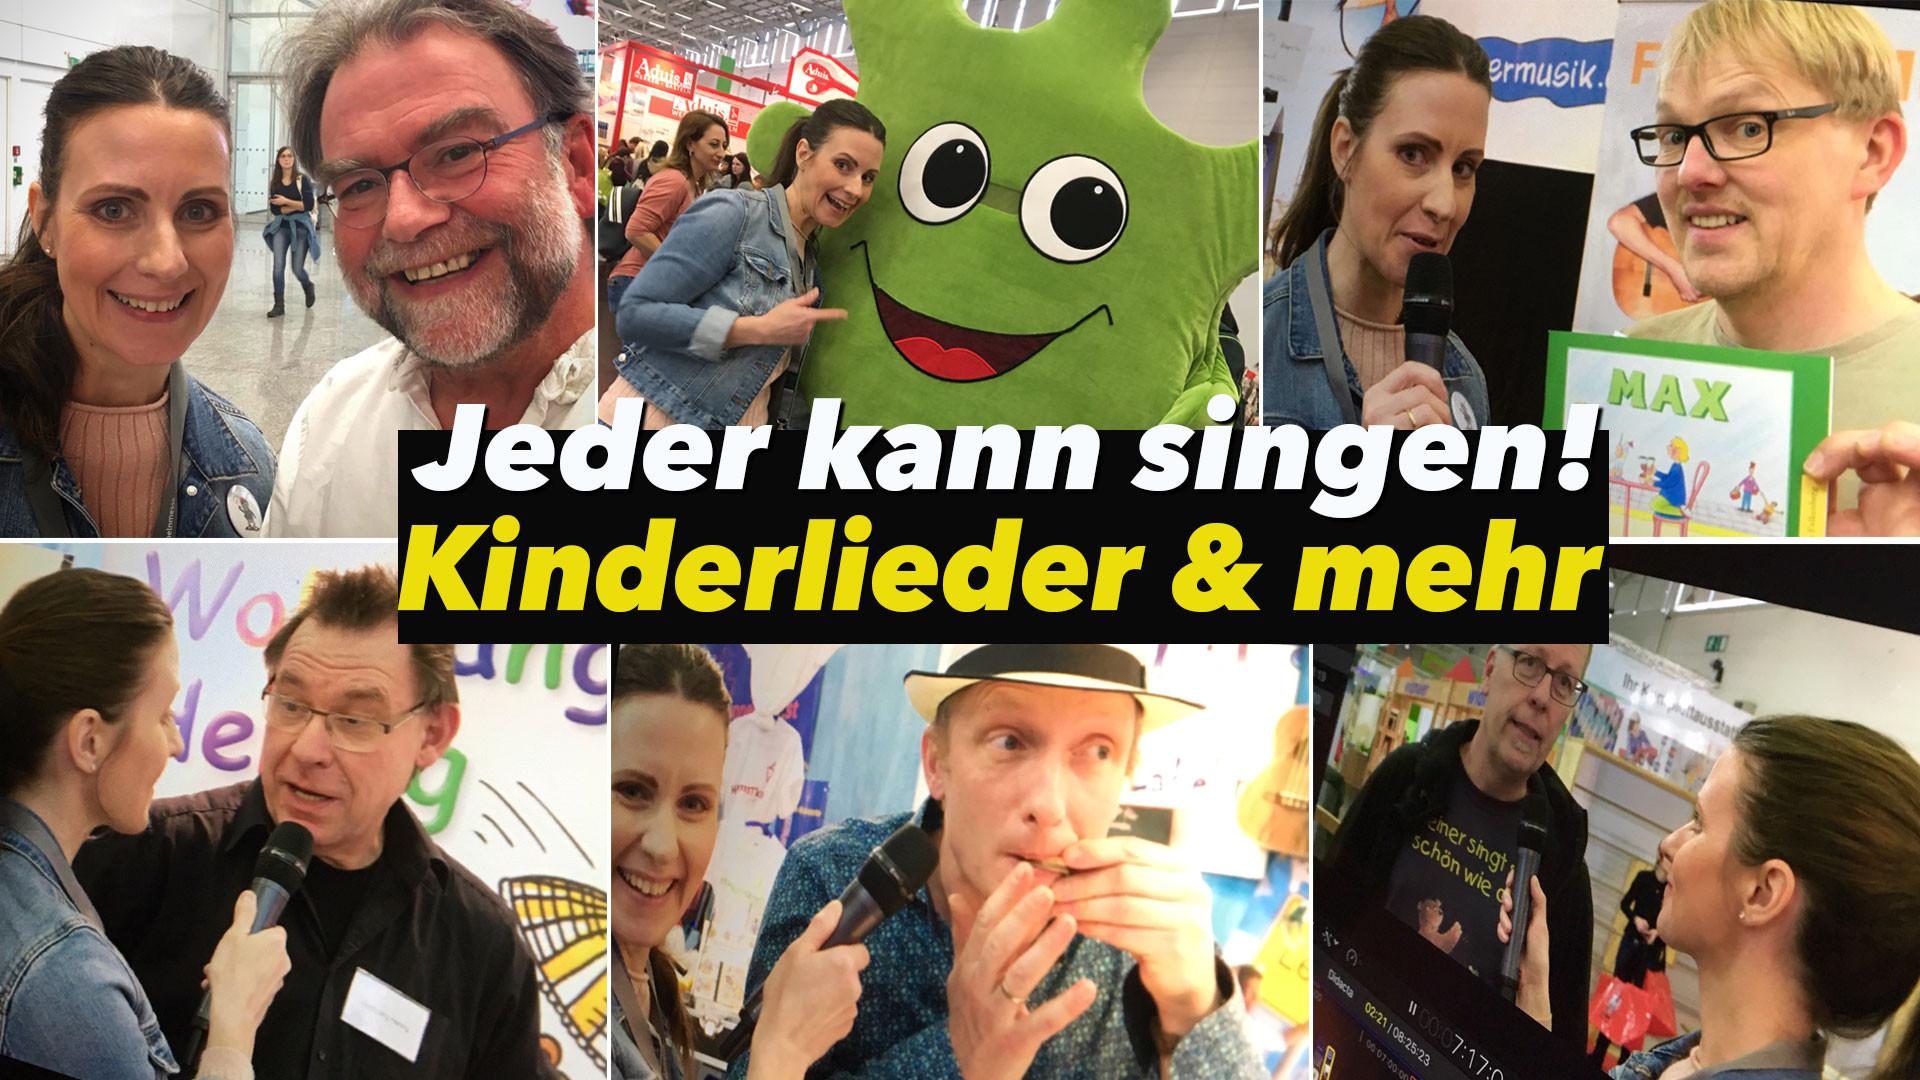 Didacta 2019 - Musik & mehr! Kinderliedermacher im Gespräch & action